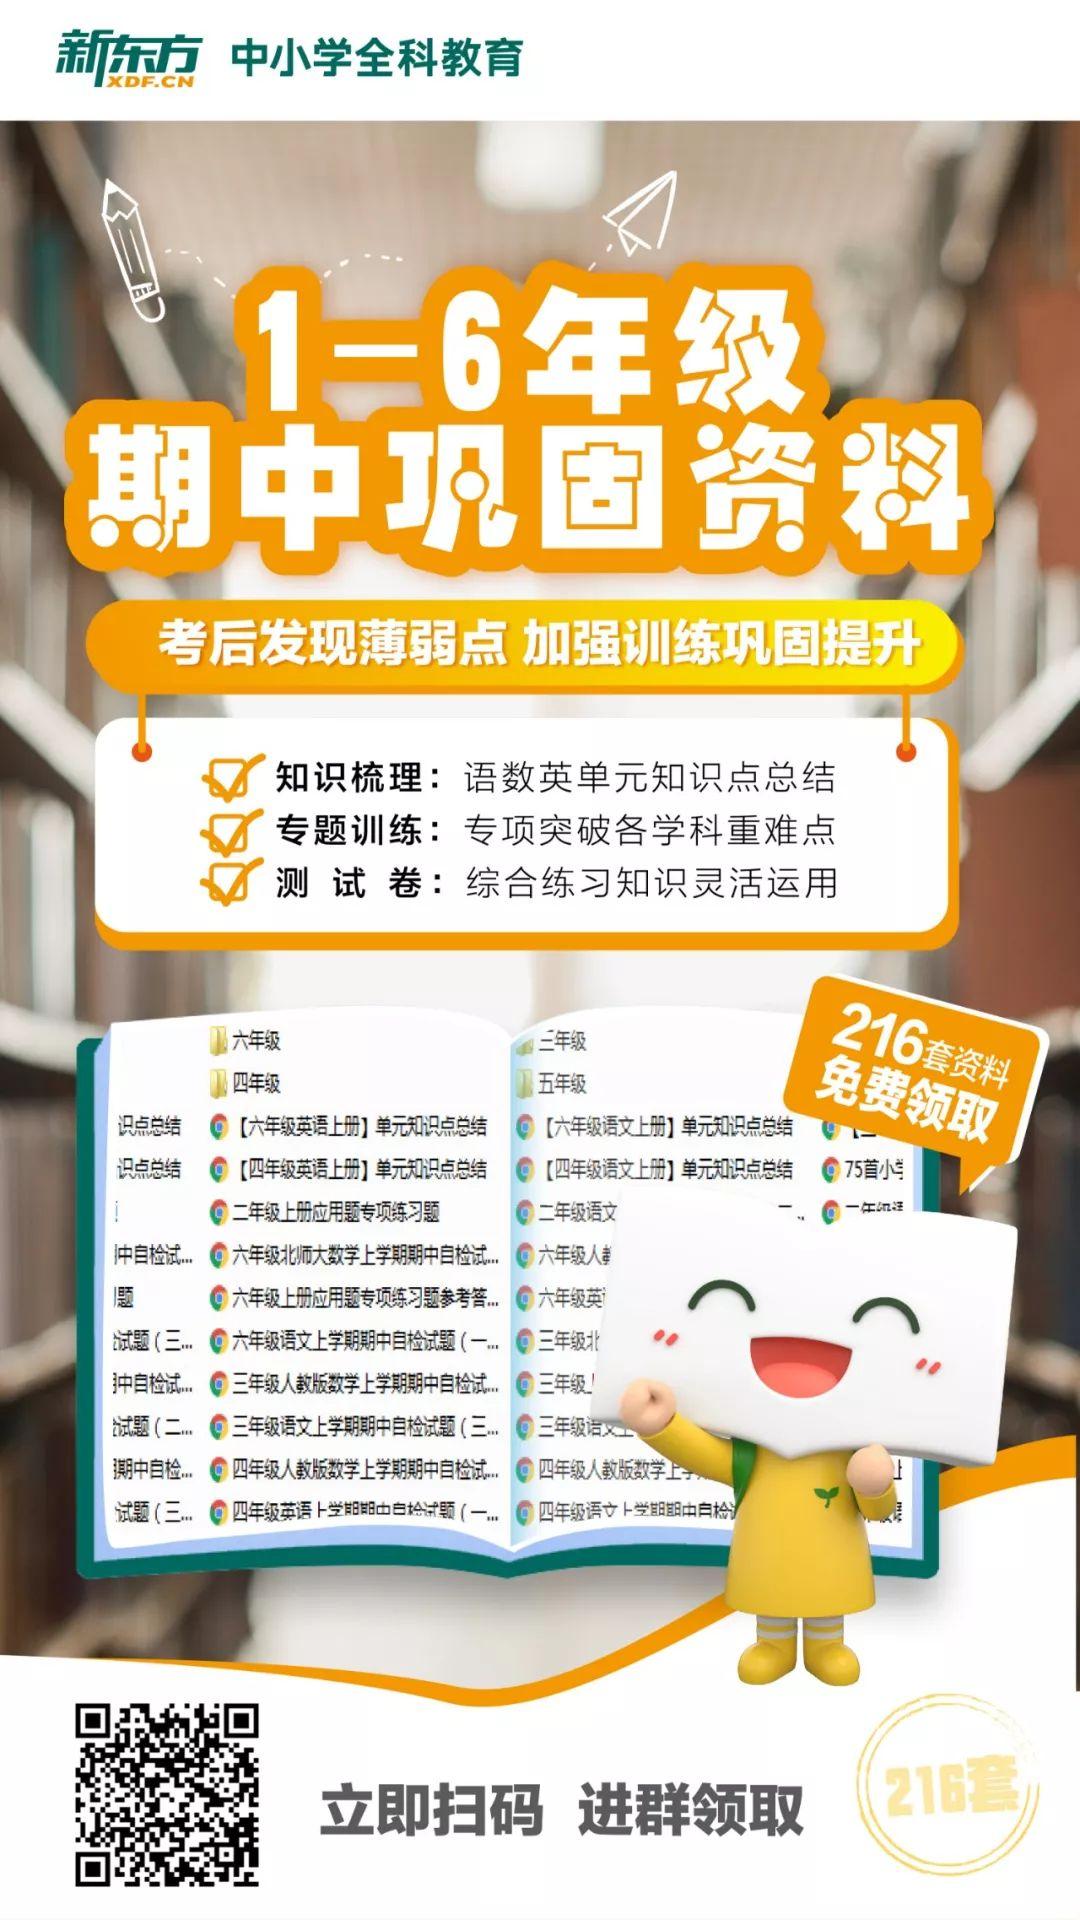 郑州新东方小学教育